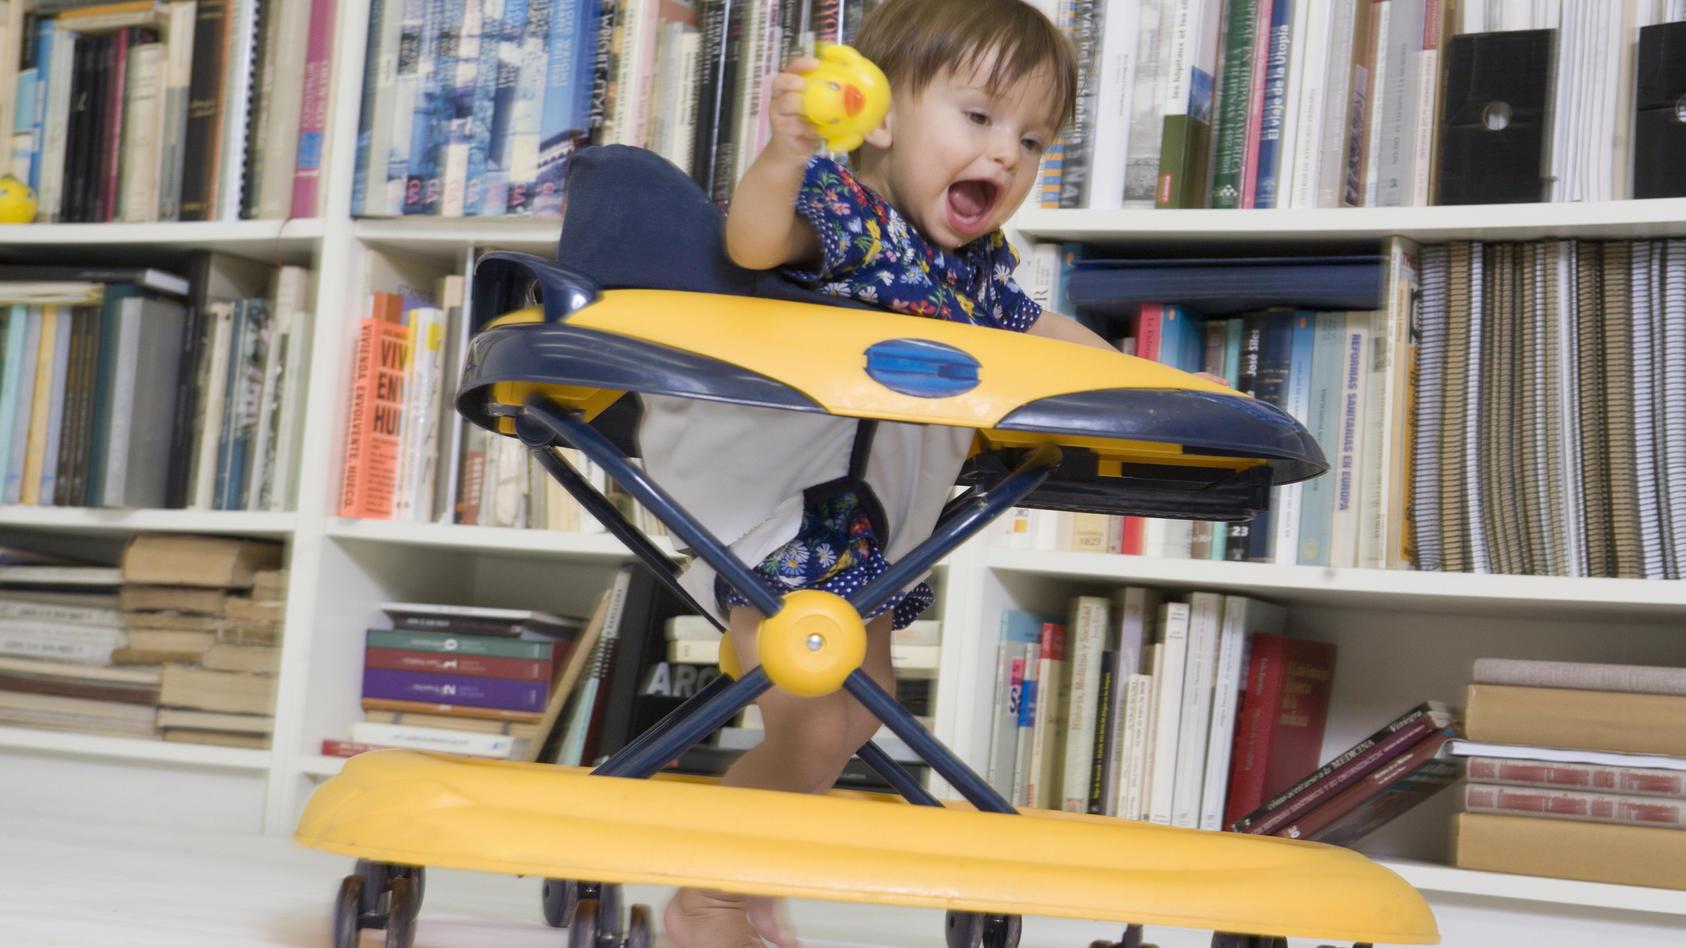 Lauflerngeräte können das Baby beim aufrecht laufen unterstützen, sind unter Eltern und Experten aber auch sehr umstritten.